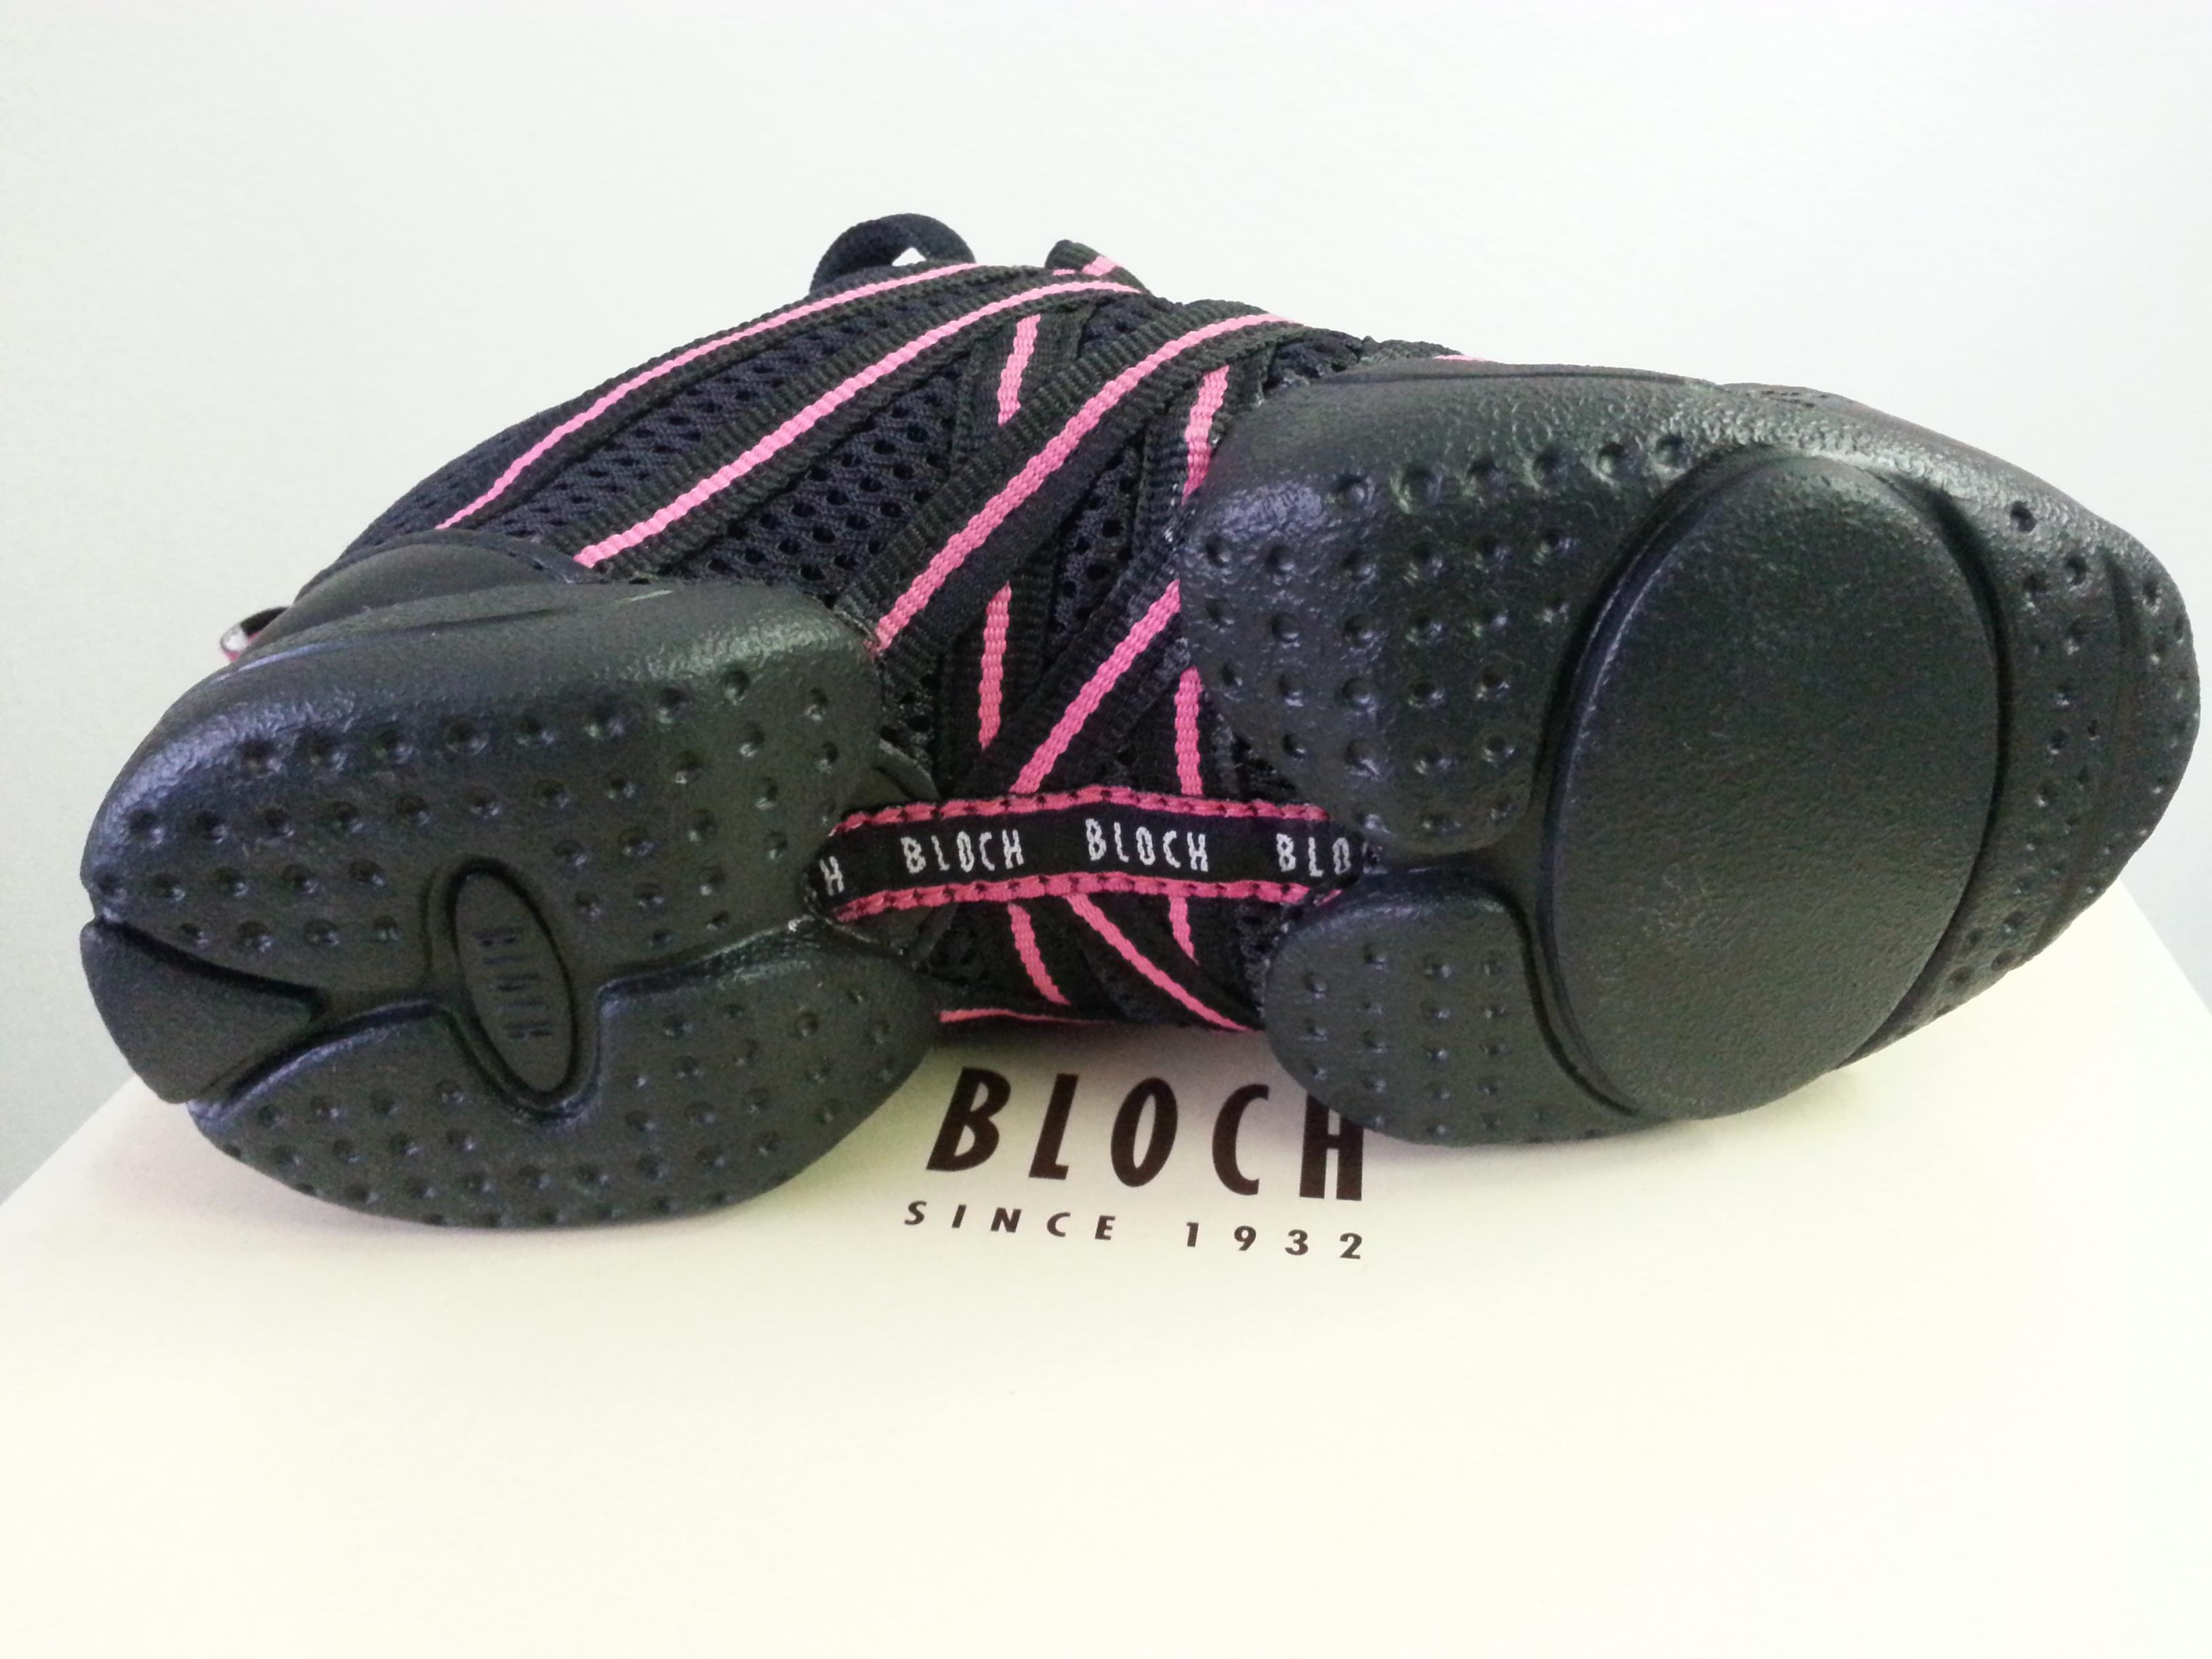 f63f1039d86b5 TANEČNÍ OBUV | Bloch CRISS CROSS sneakers taneční obuv dětská černá ...